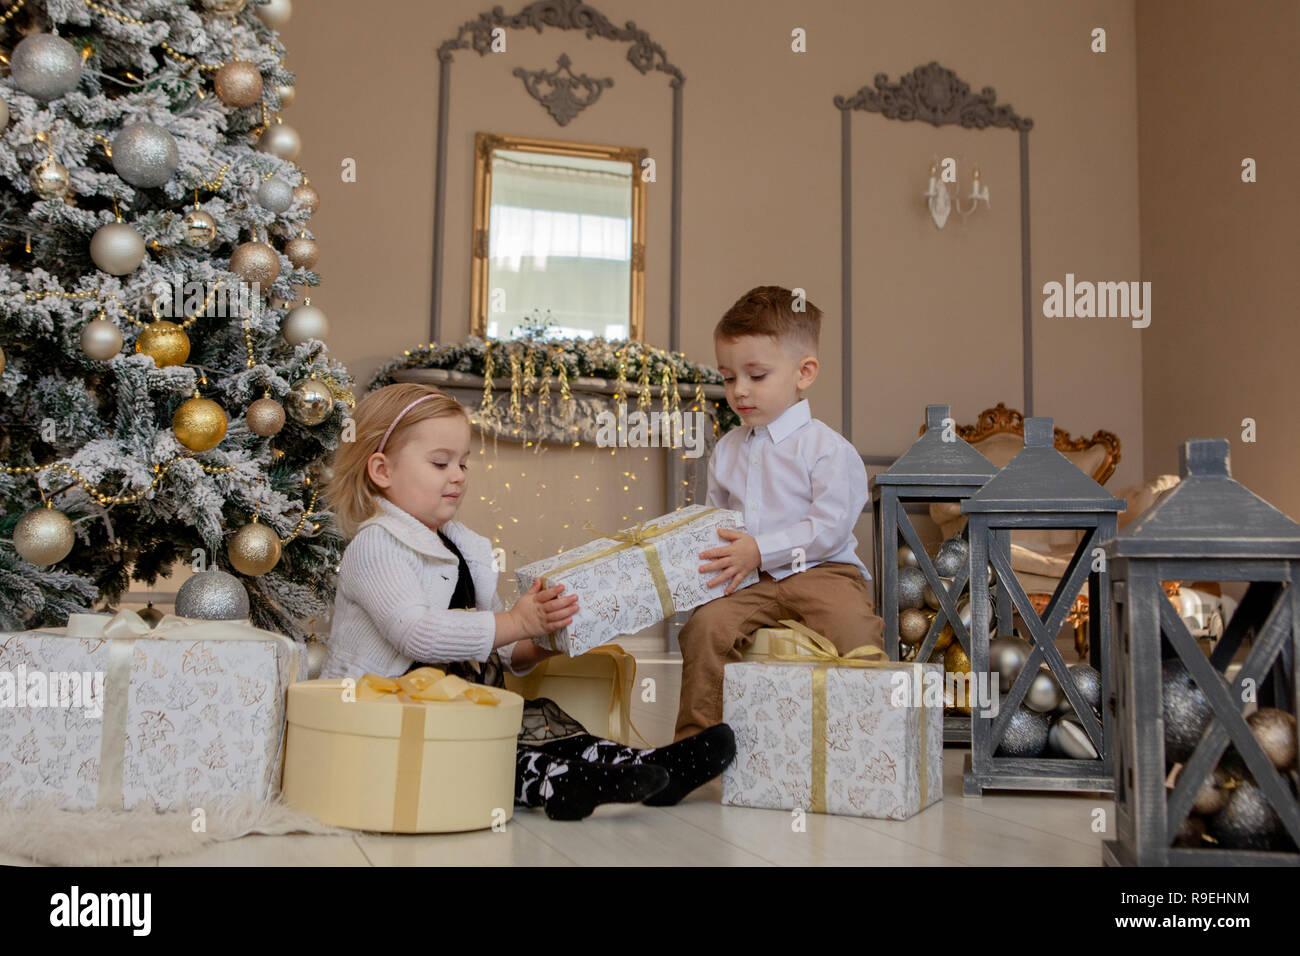 Susse Madchen Und Jungen Offnen Geschenke Kinder Unter